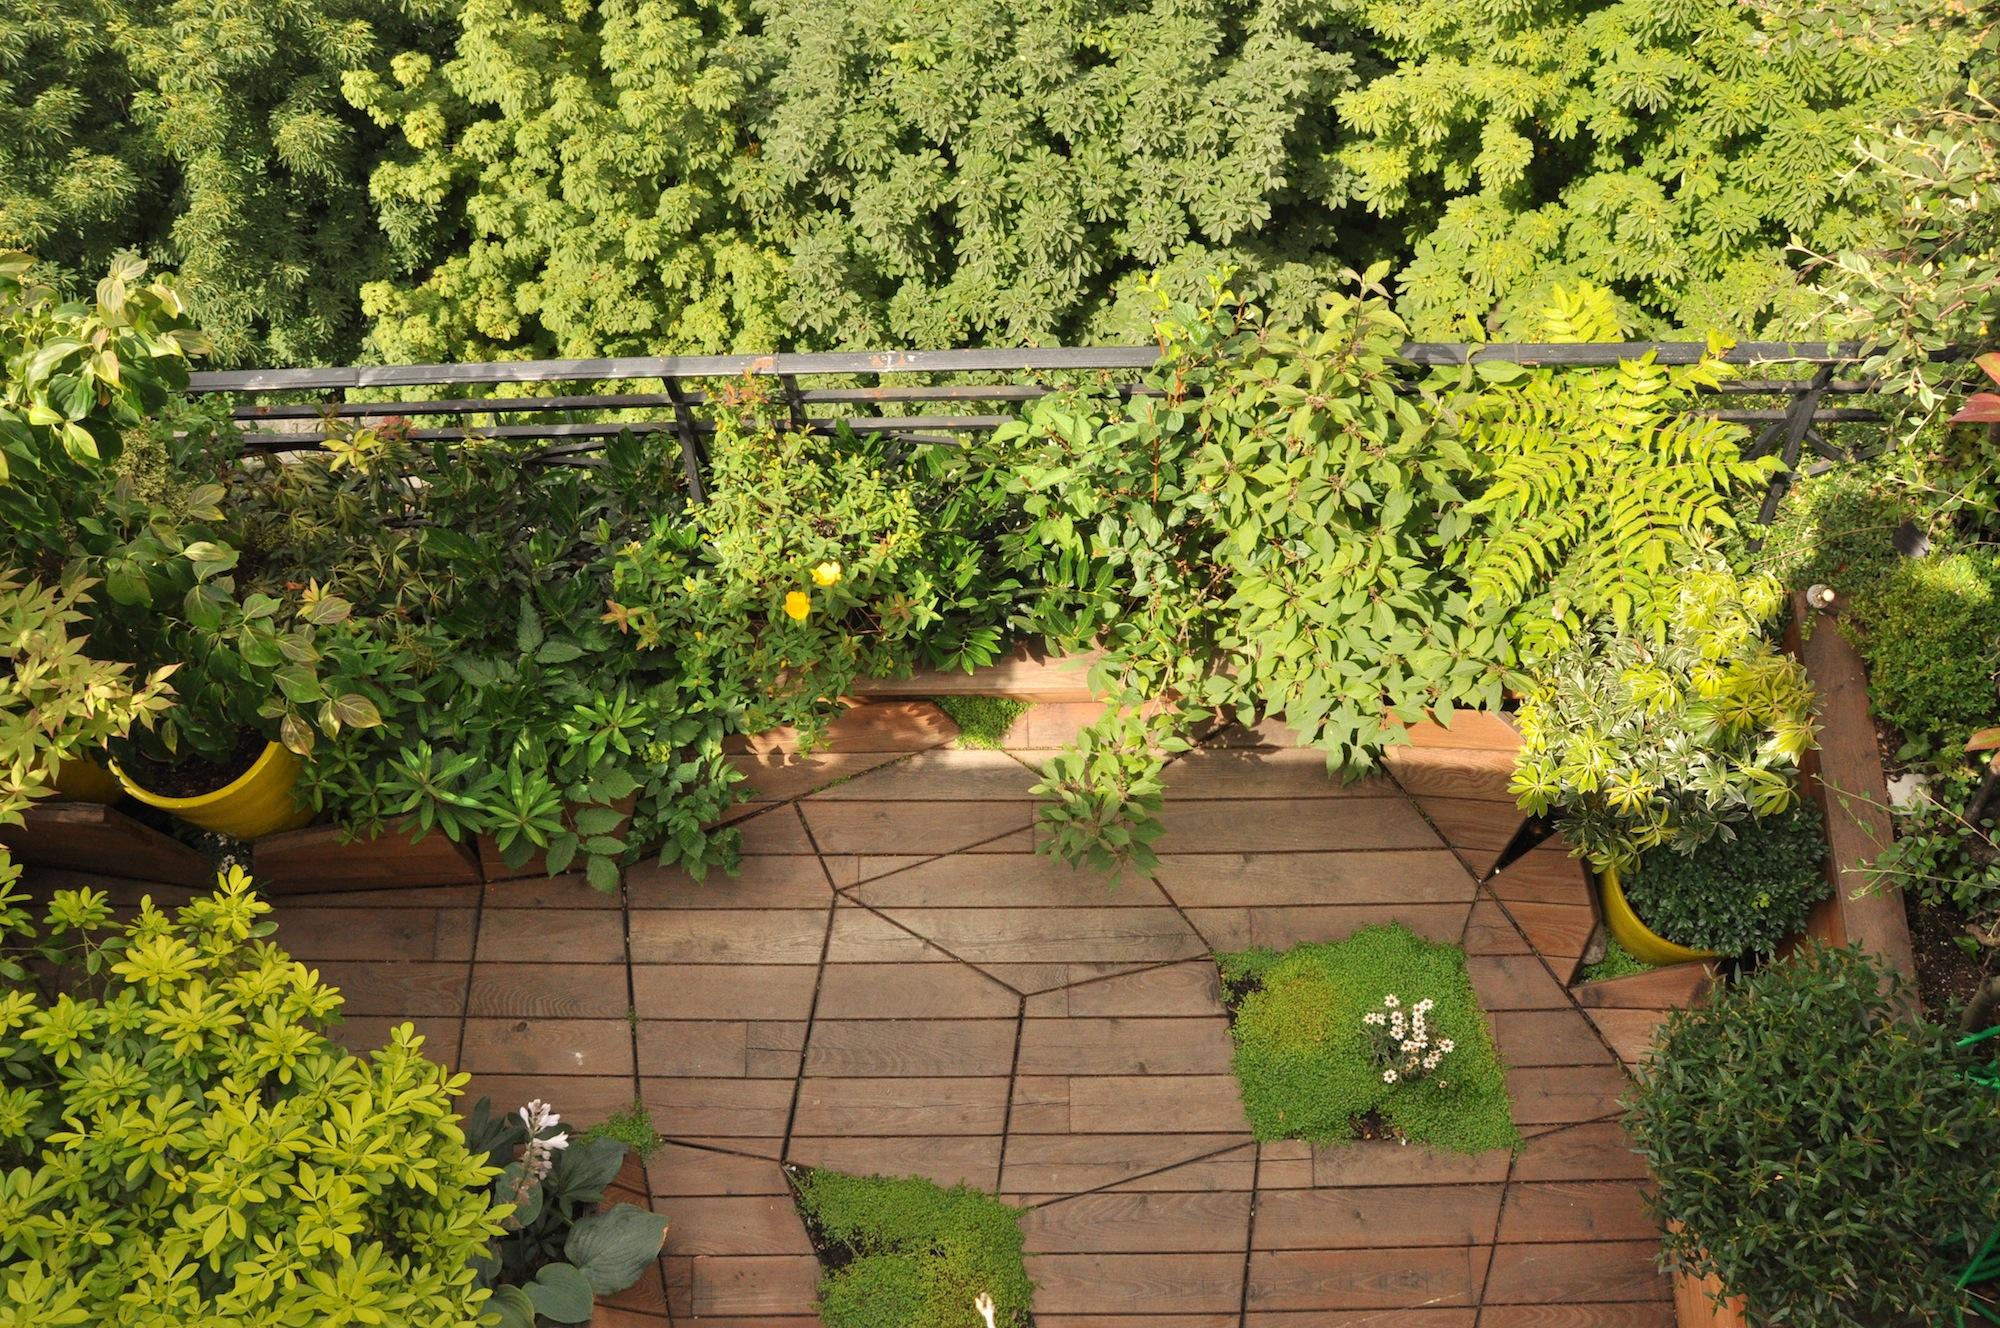 atelier dlv paysagiste concepteur paris bertrand de la vieuville terrasse en sol majeur. Black Bedroom Furniture Sets. Home Design Ideas